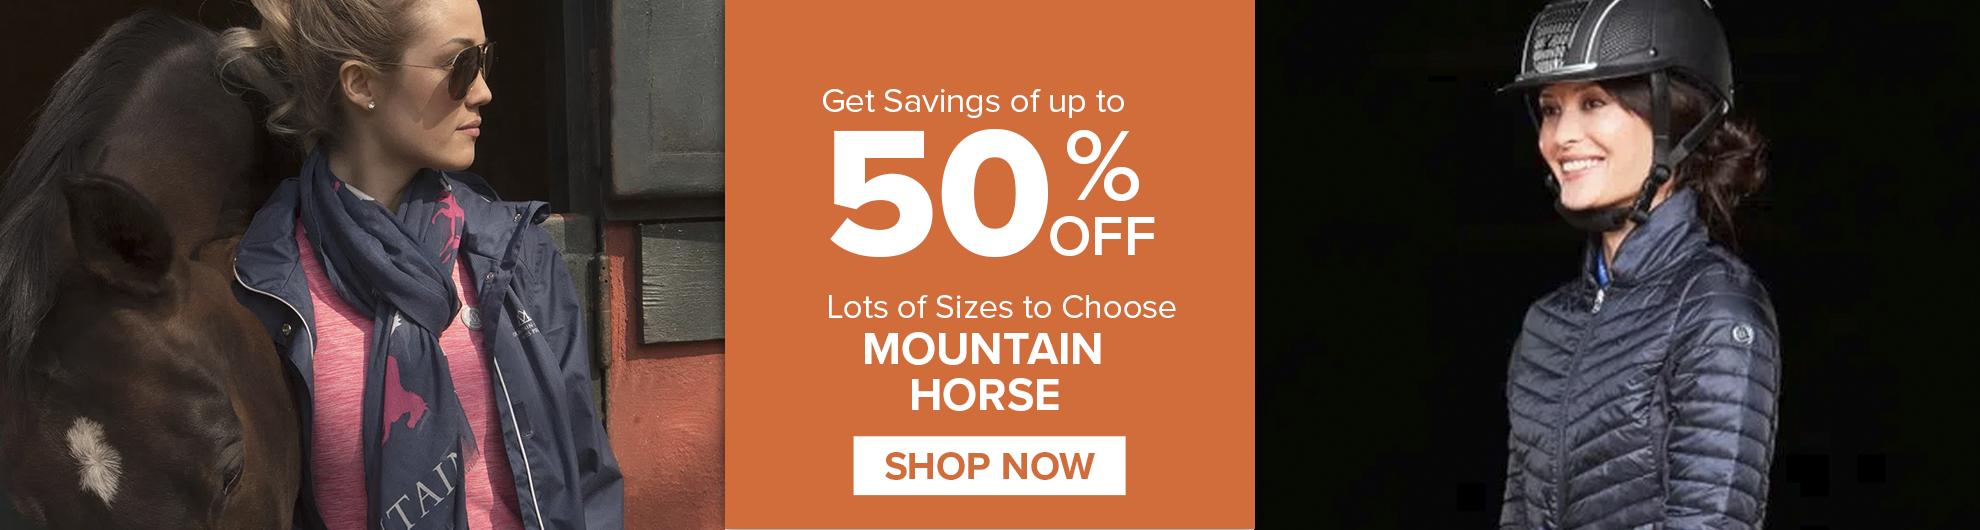 Mountain Horse on Sale